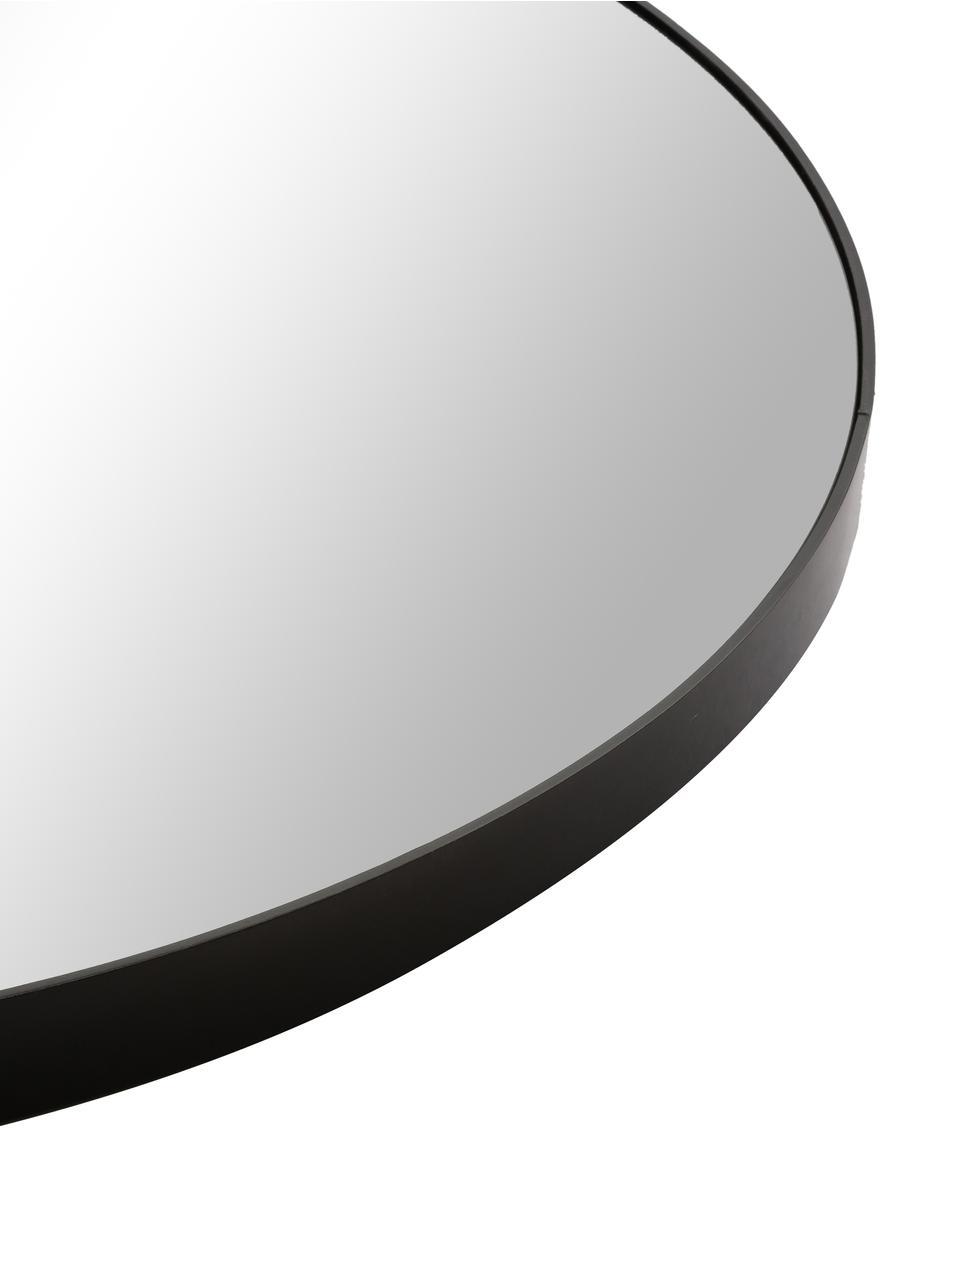 Runder Wandspiegel Complete mit schwarzem Rahmen, Rahmen: Mitteldichte Holzfaserpla, Spiegelfläche: Glas, Schwarz, Ø 110 cm